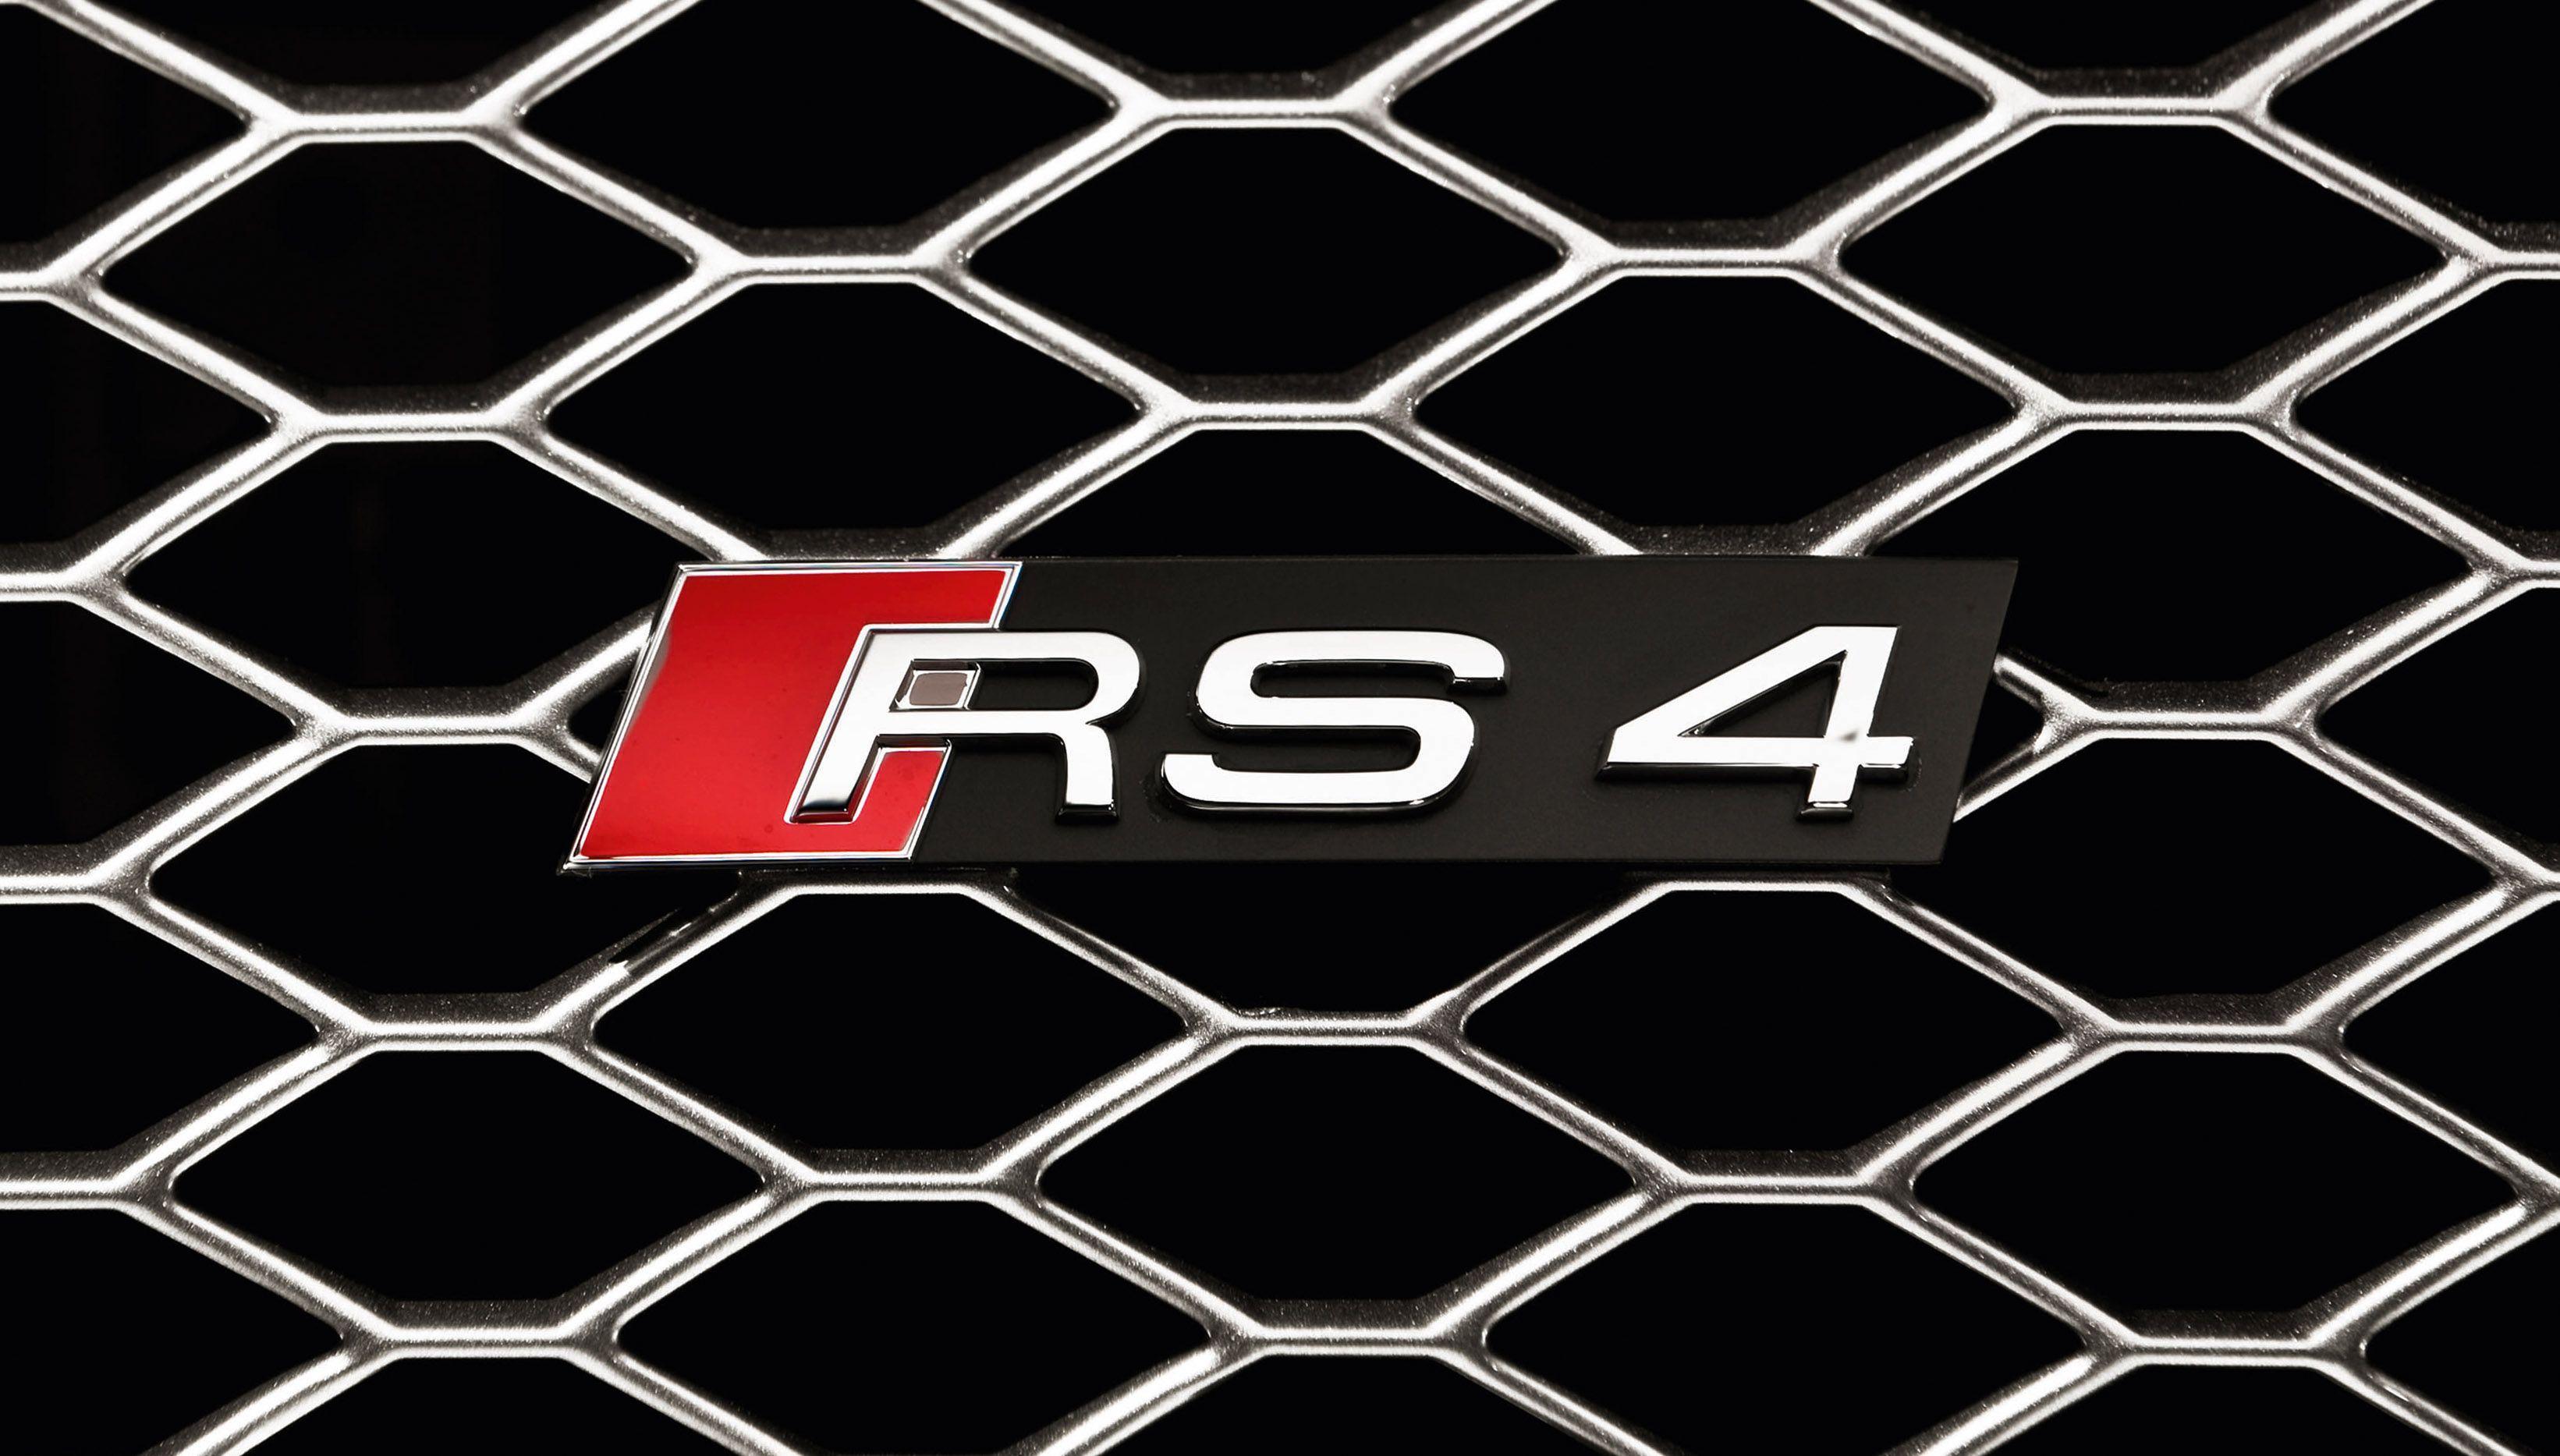 Pin By Elwira Filipczak Laniewska On Audi Rs Logo Audi Rs4 Avant Rs4 Avant Audi Rs4